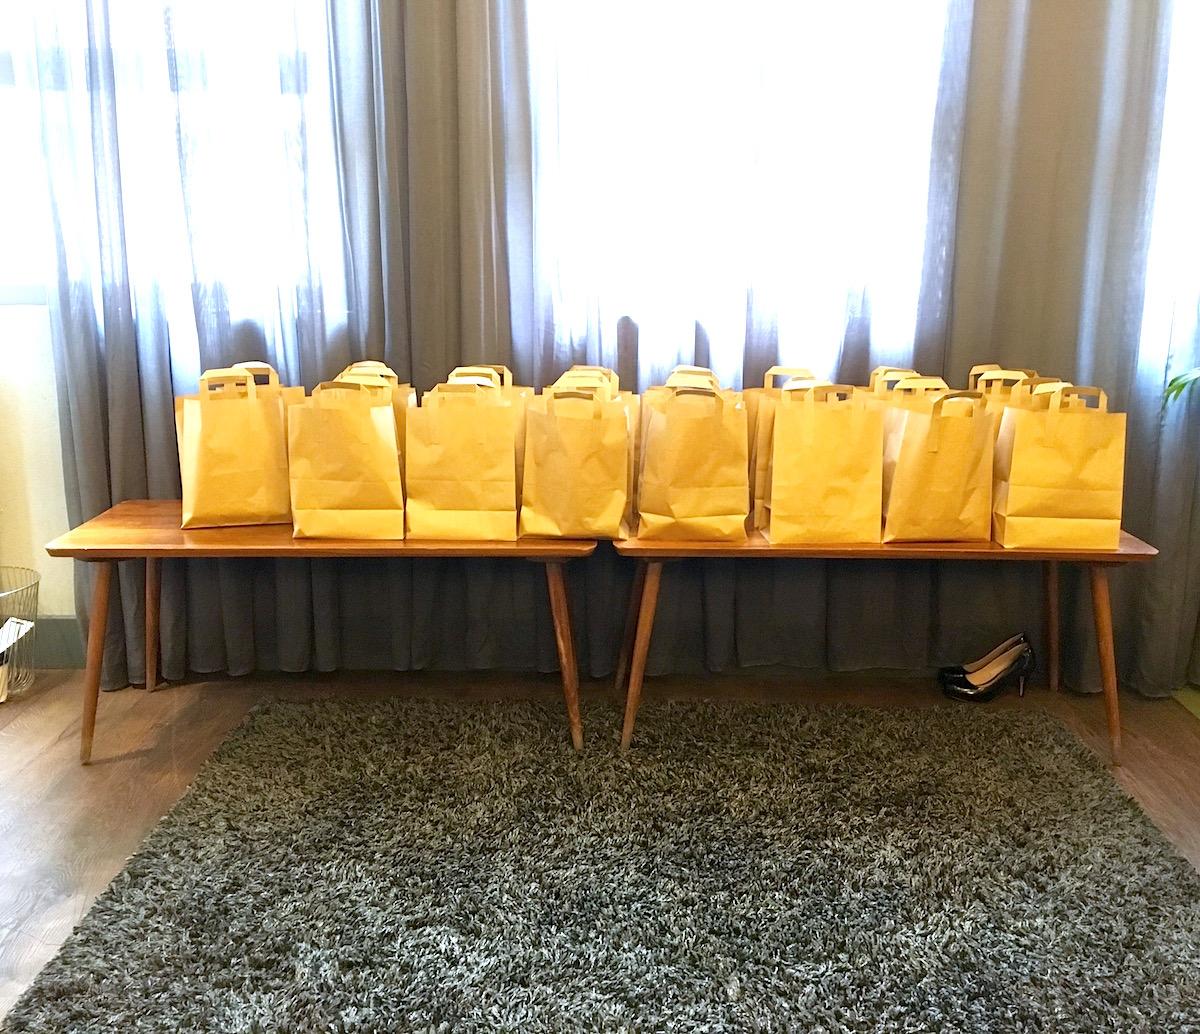 Goodie Bags